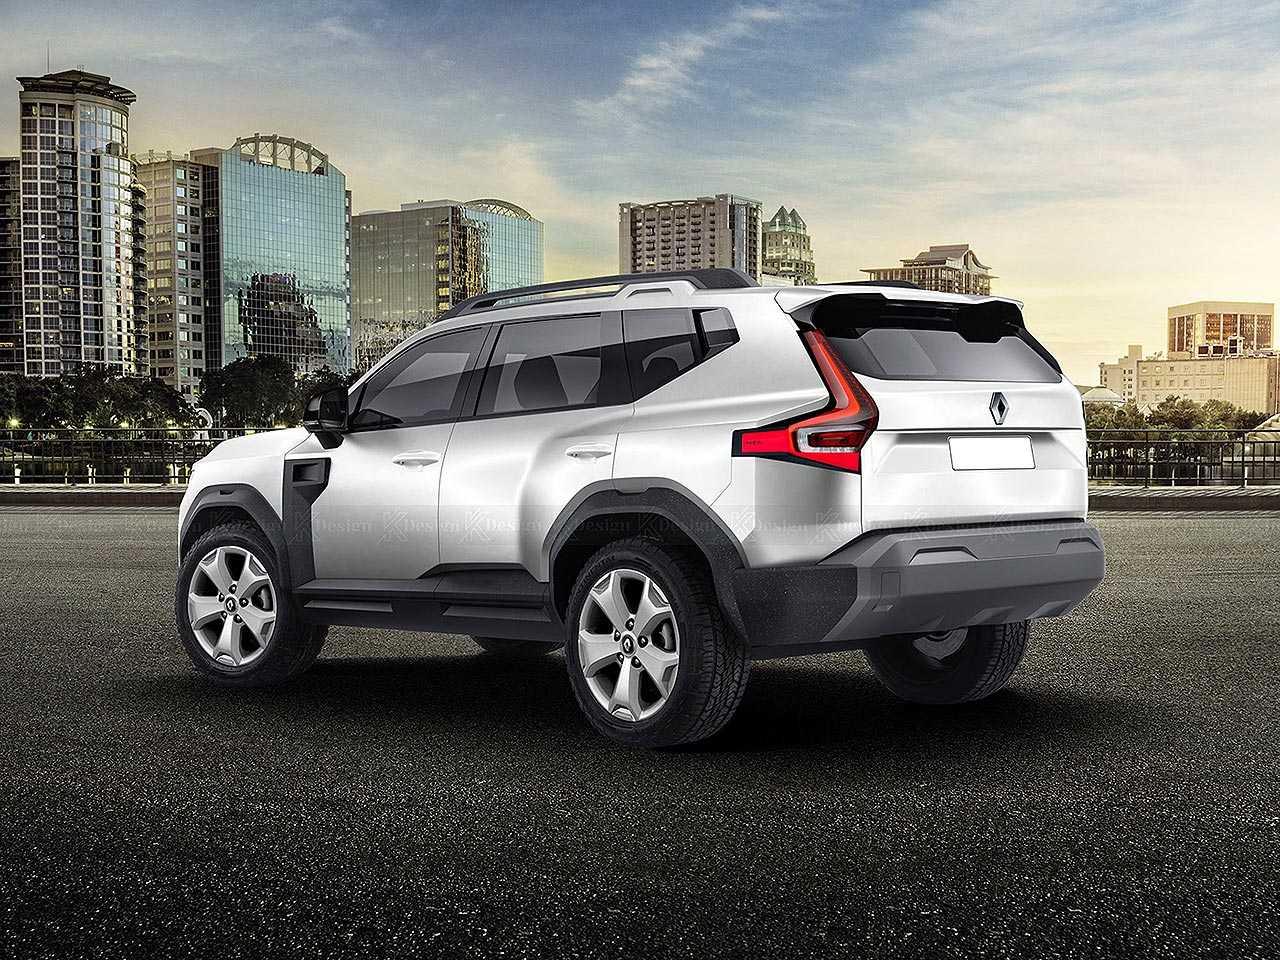 Baseado no conceito Dacia Bigster, designer imagina um SUV 7 lugares com a marca Renault